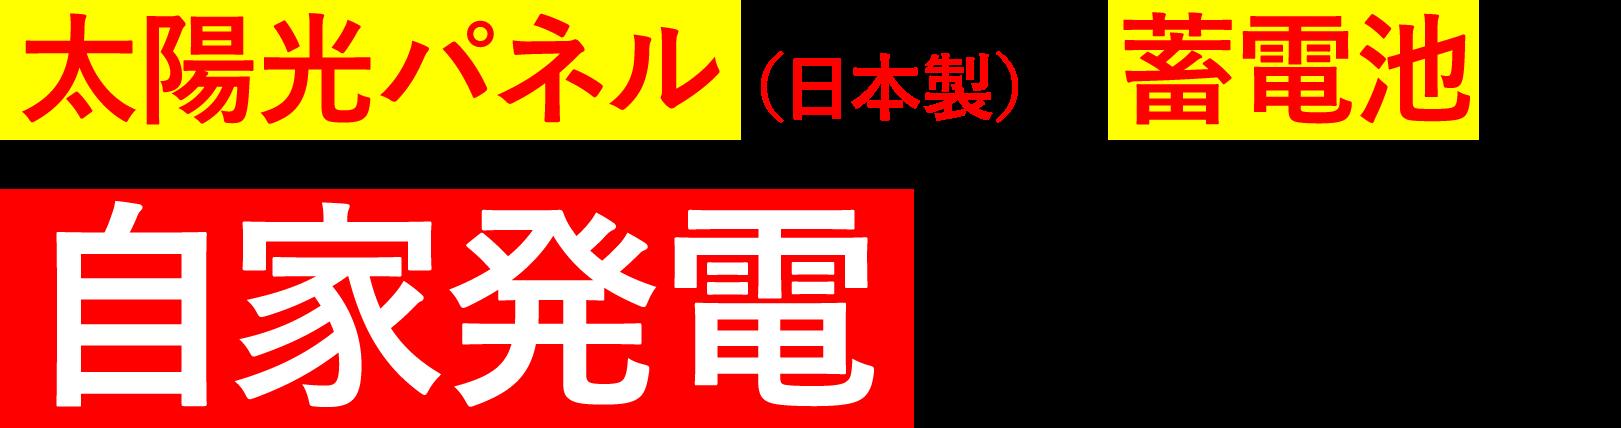 太陽光パネル(日本製)と蓄電池での自家発電がオススメ!!